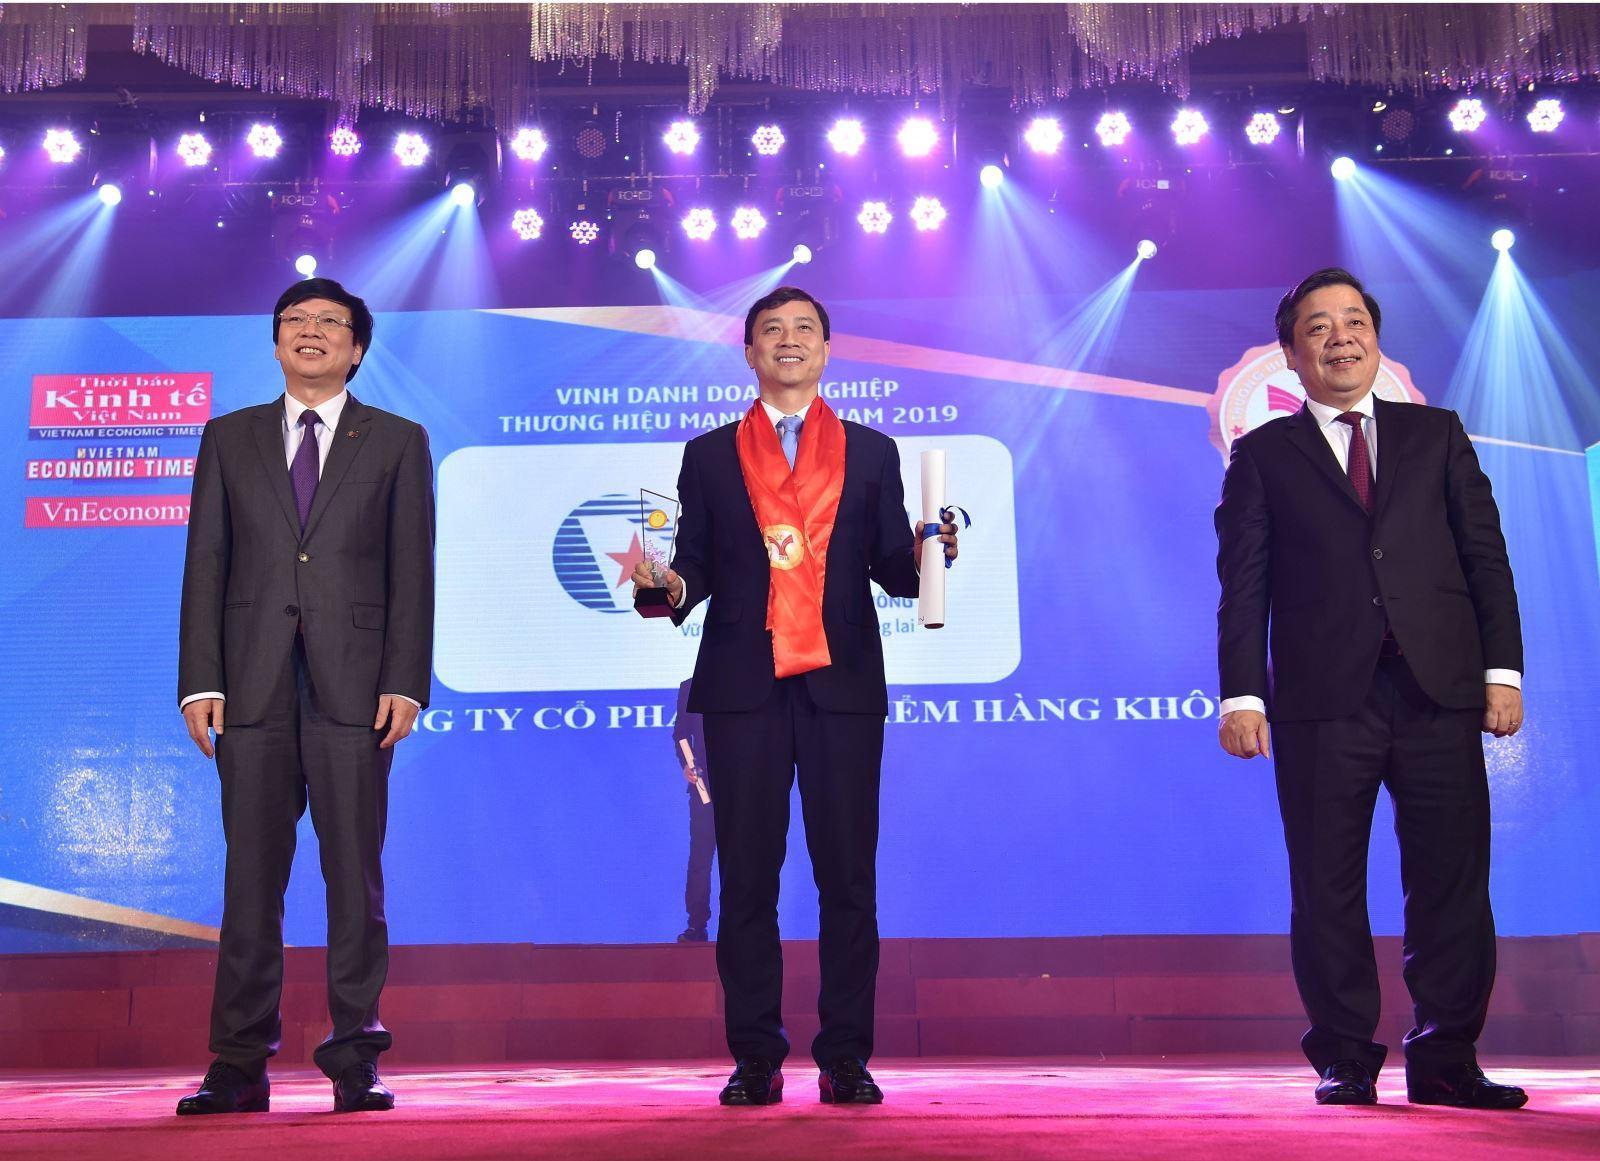 Bảo hiểm Hàng không (VNI), hai năm liền nhận danh hiệu Thương hiệu mạnh Việt Nam